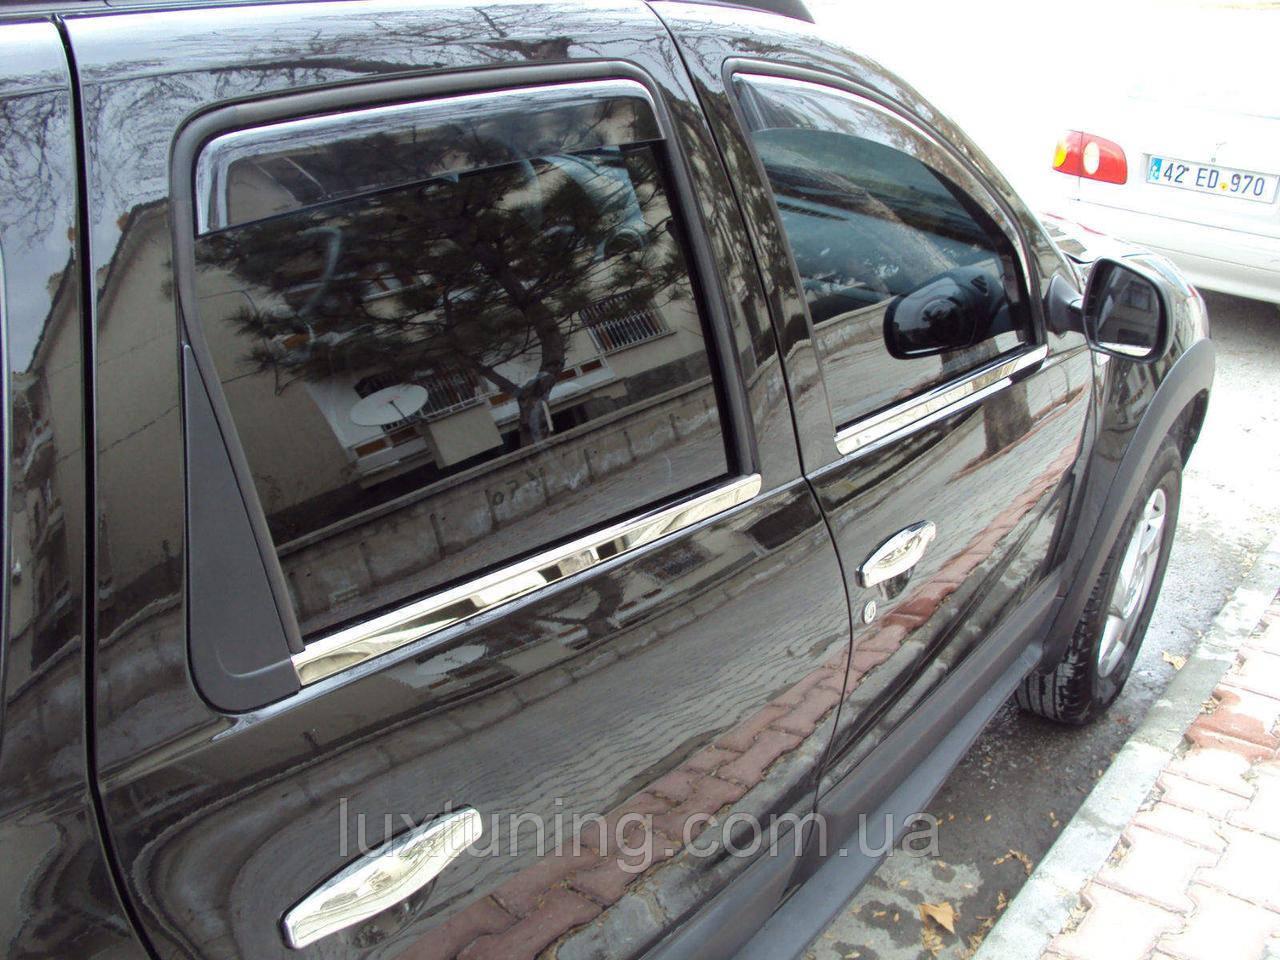 """Молдинги окна нижние Renault Duster 2012- (нержавеющая сталь) - магазин """"Luxtuning"""" в Днепре"""